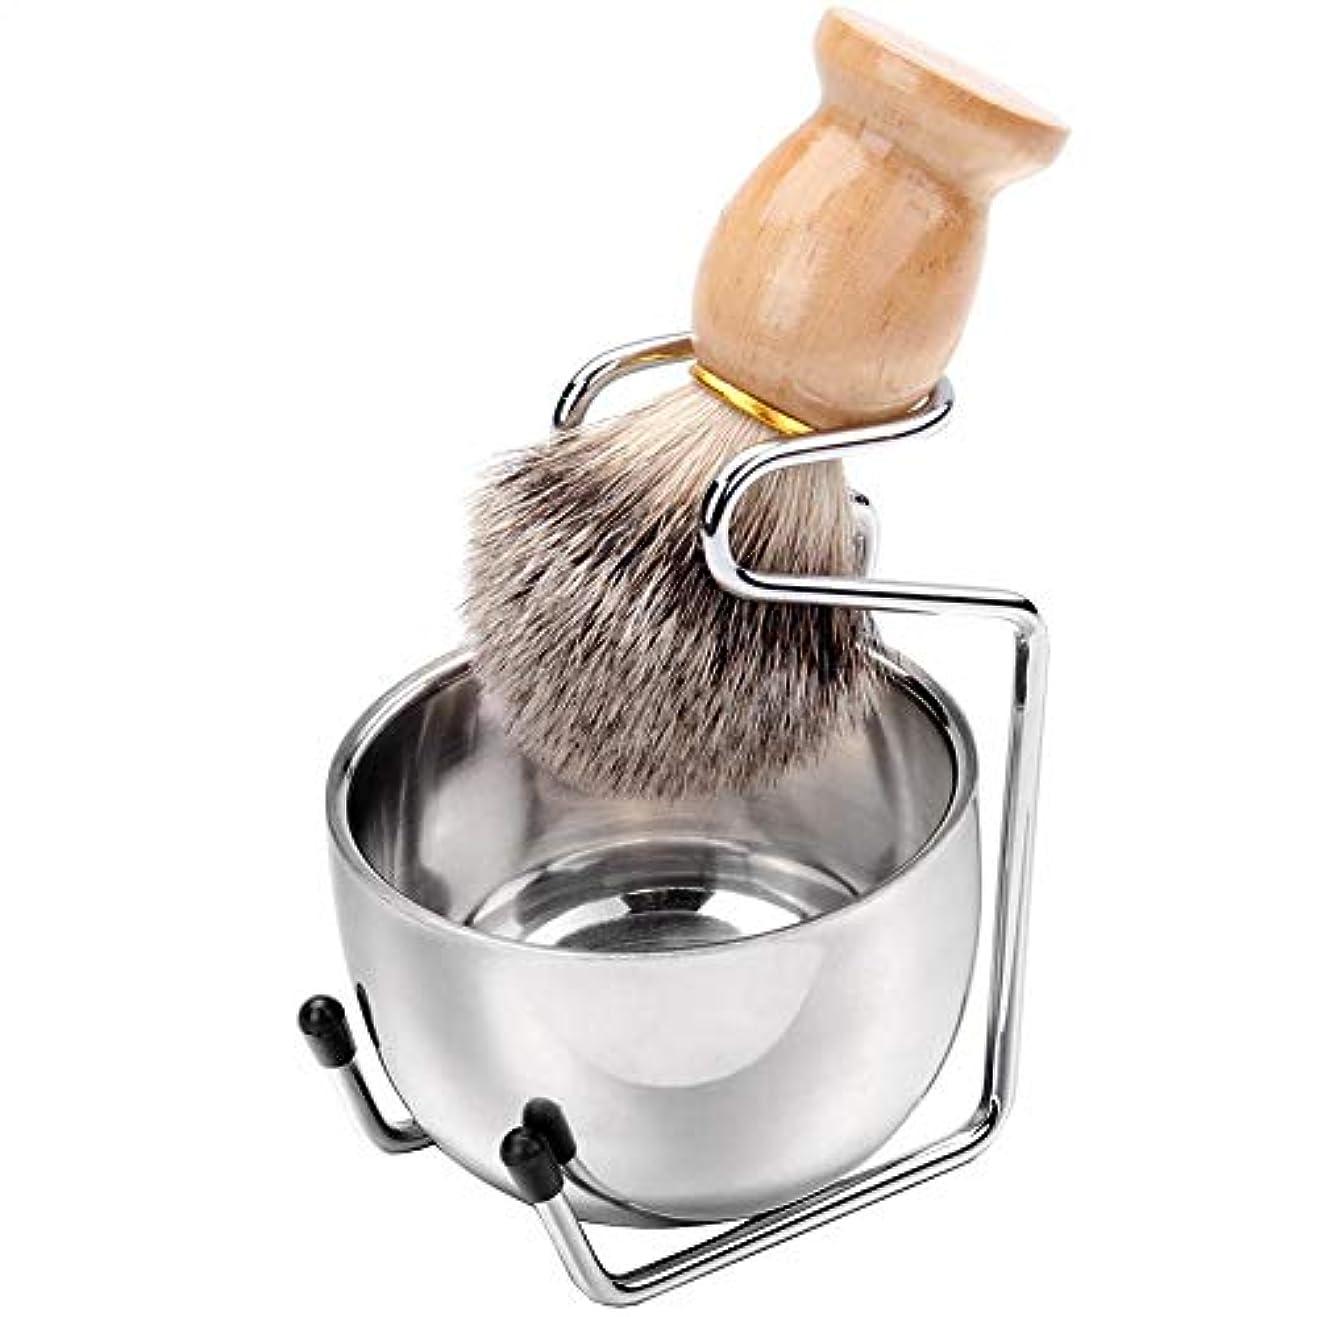 も分析的メンダシティcoldwhite ひげブラシ シェービングブラシセット 3点セット純粋なバッガーヘアシェービングブラシ ステンレス製の剃刀スタンド ステンレススチールシェービング石鹸ボウル 髭剃り 泡立ち 洗顔ブラシ メンズ ブラック